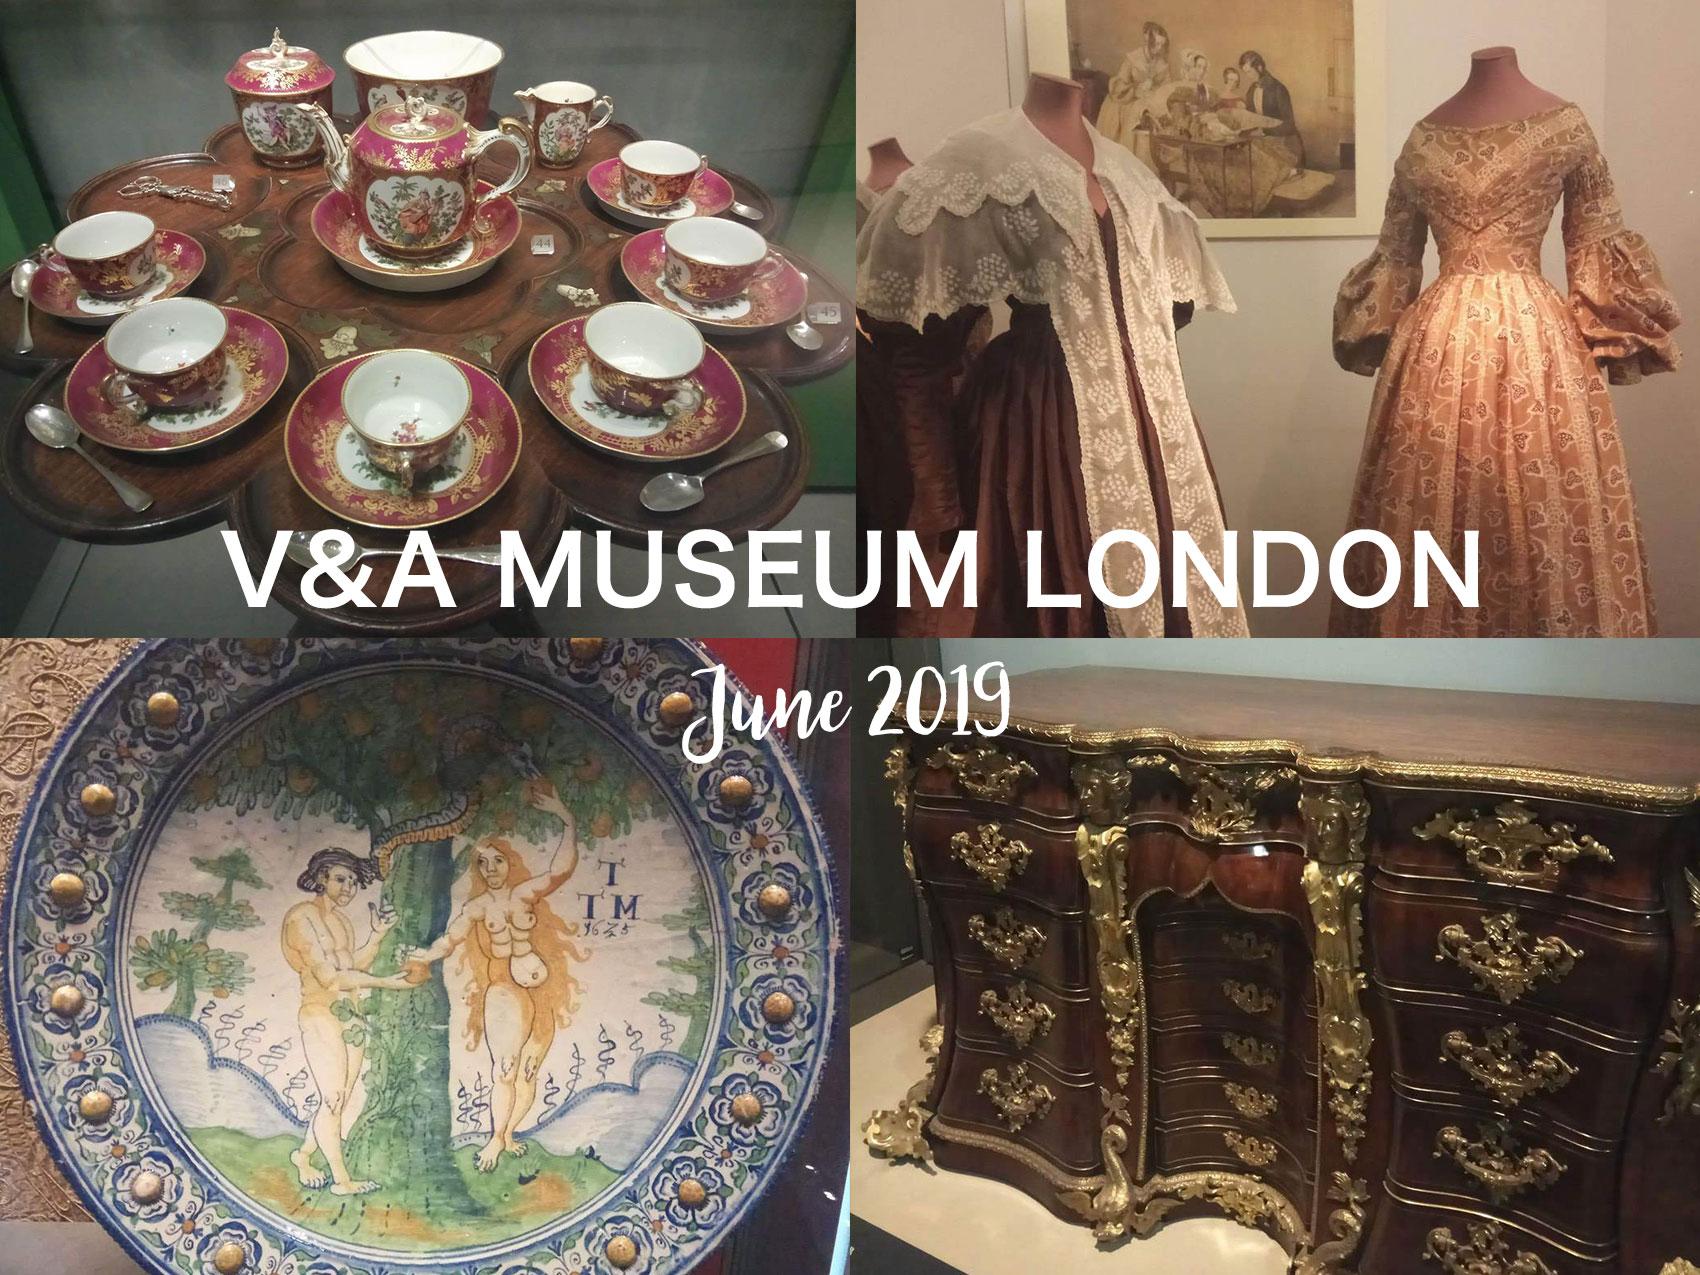 無料で嬉しい!ロンドン「ヴィクトリア・アンド・アルバート博物館」の展示紹介(2019年6月)